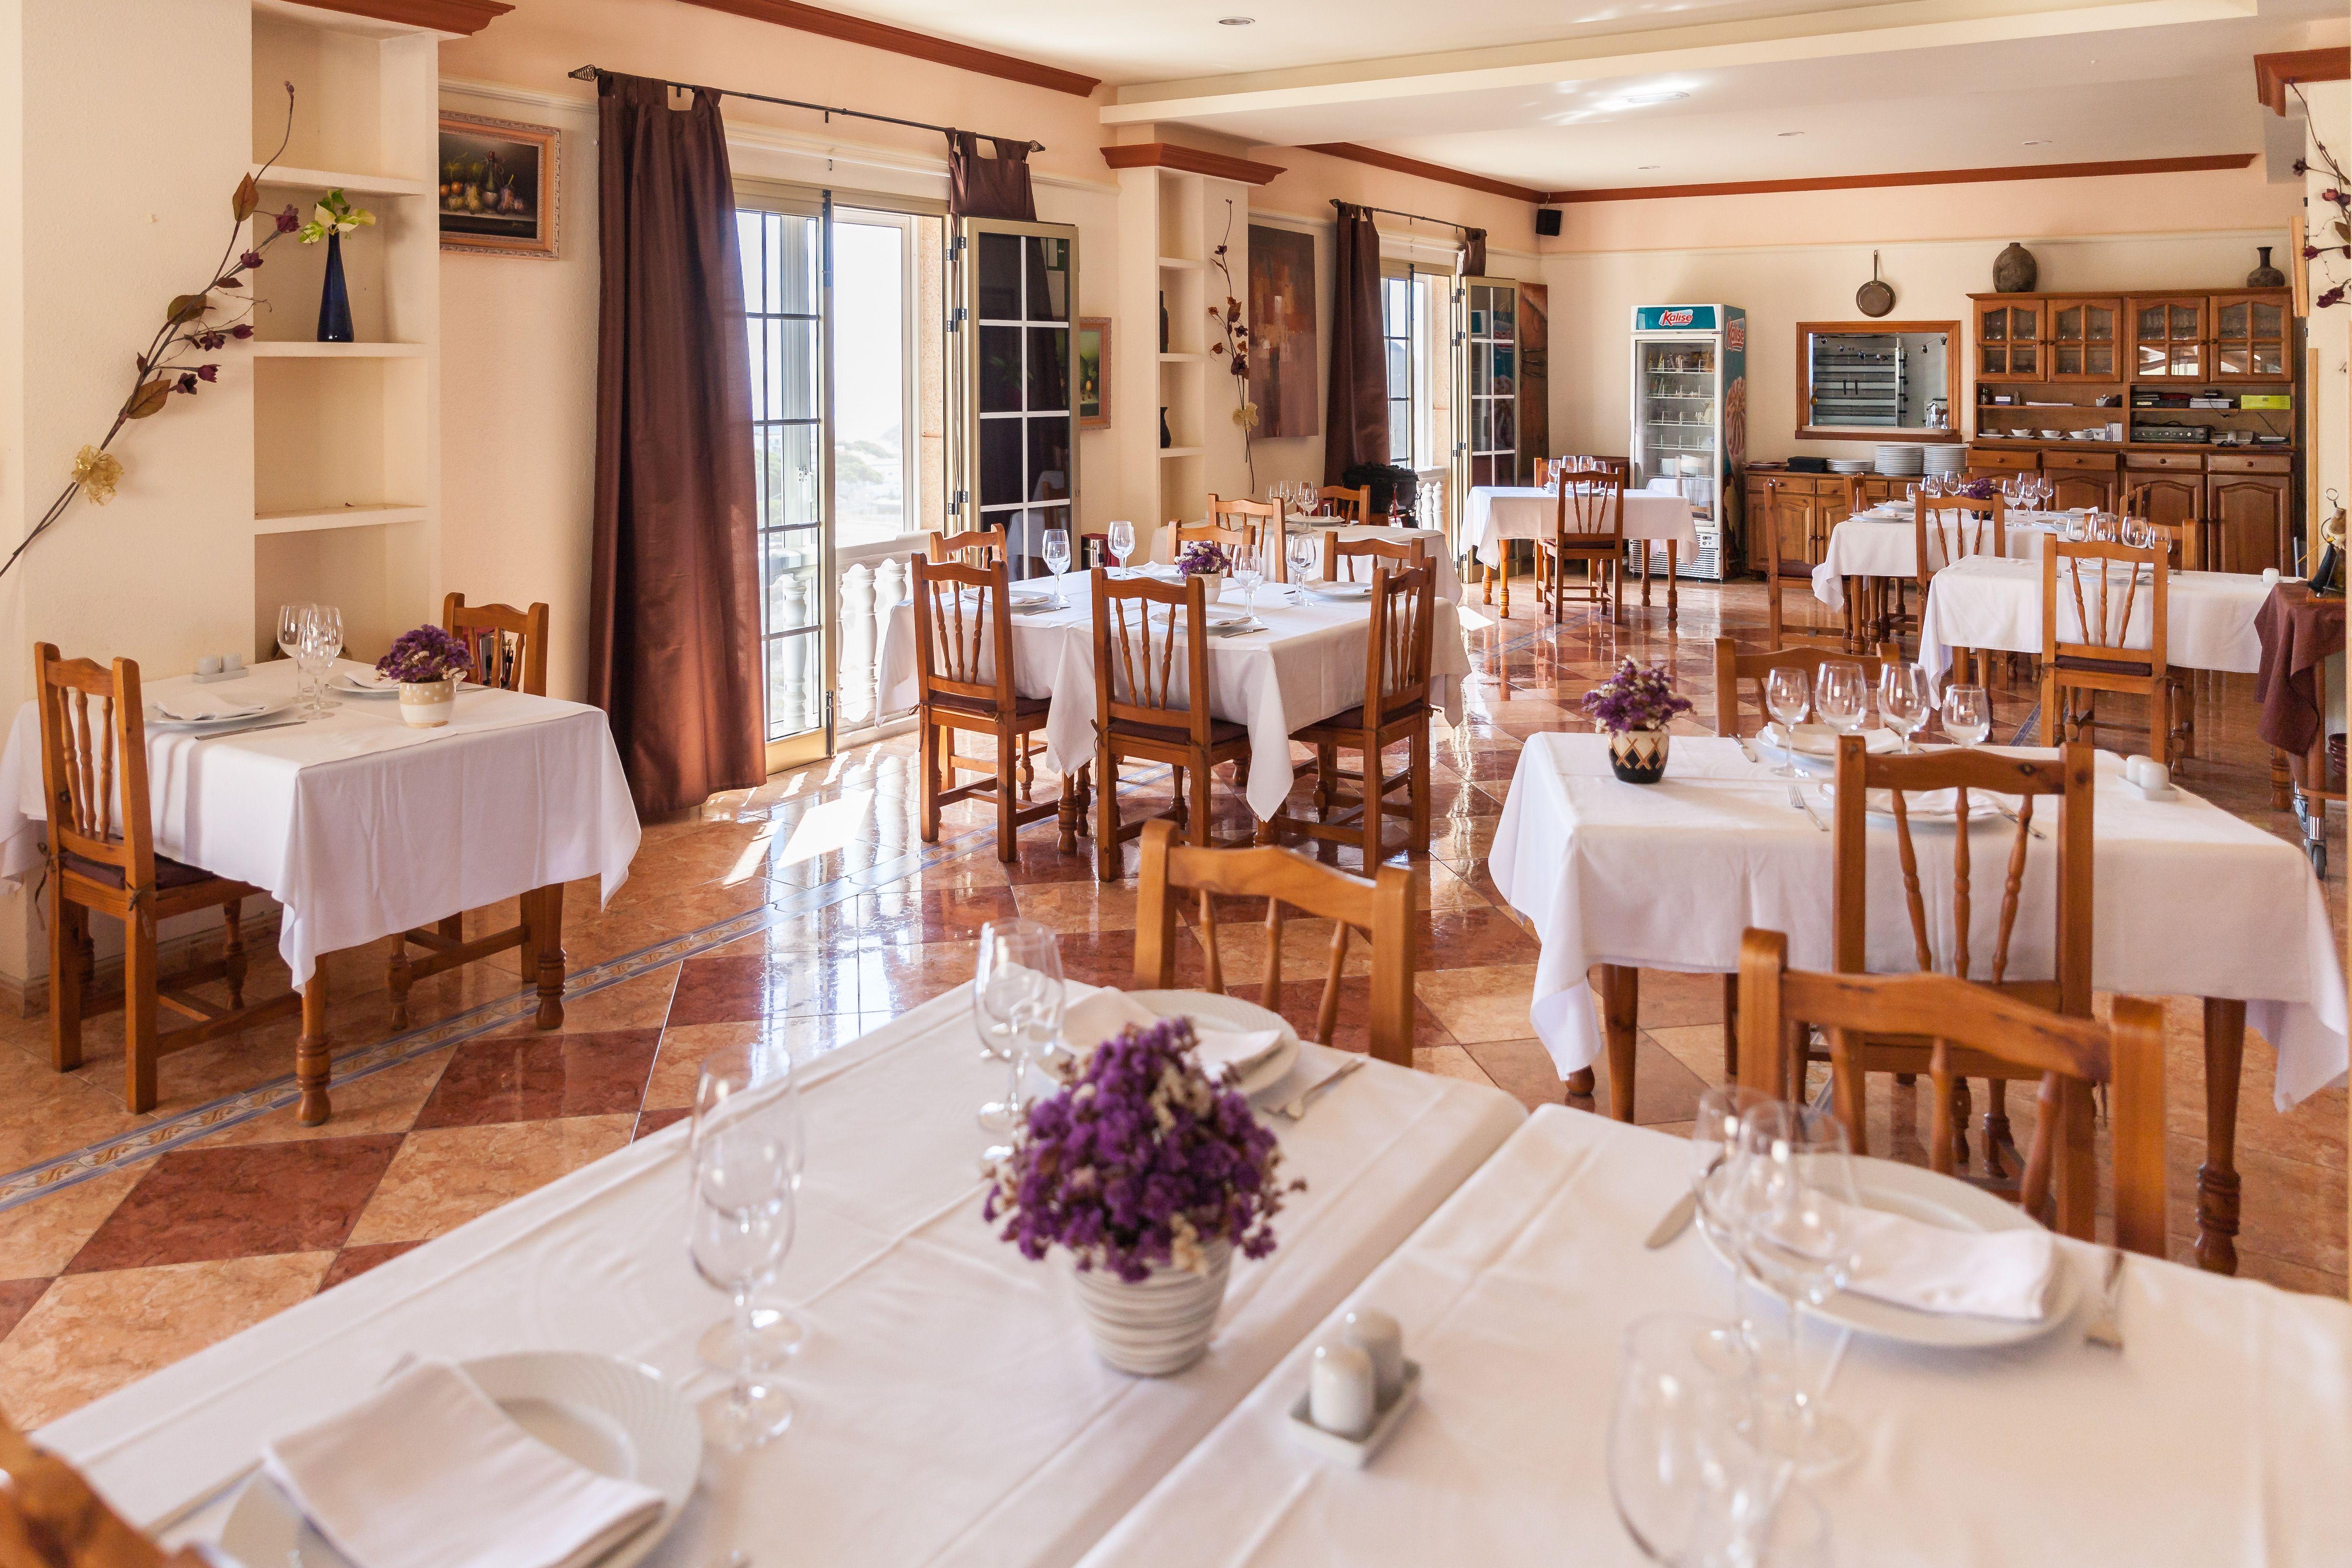 Foto 13 de Especialidad en carnes y pescados en La Camella | Verna's Restaurante